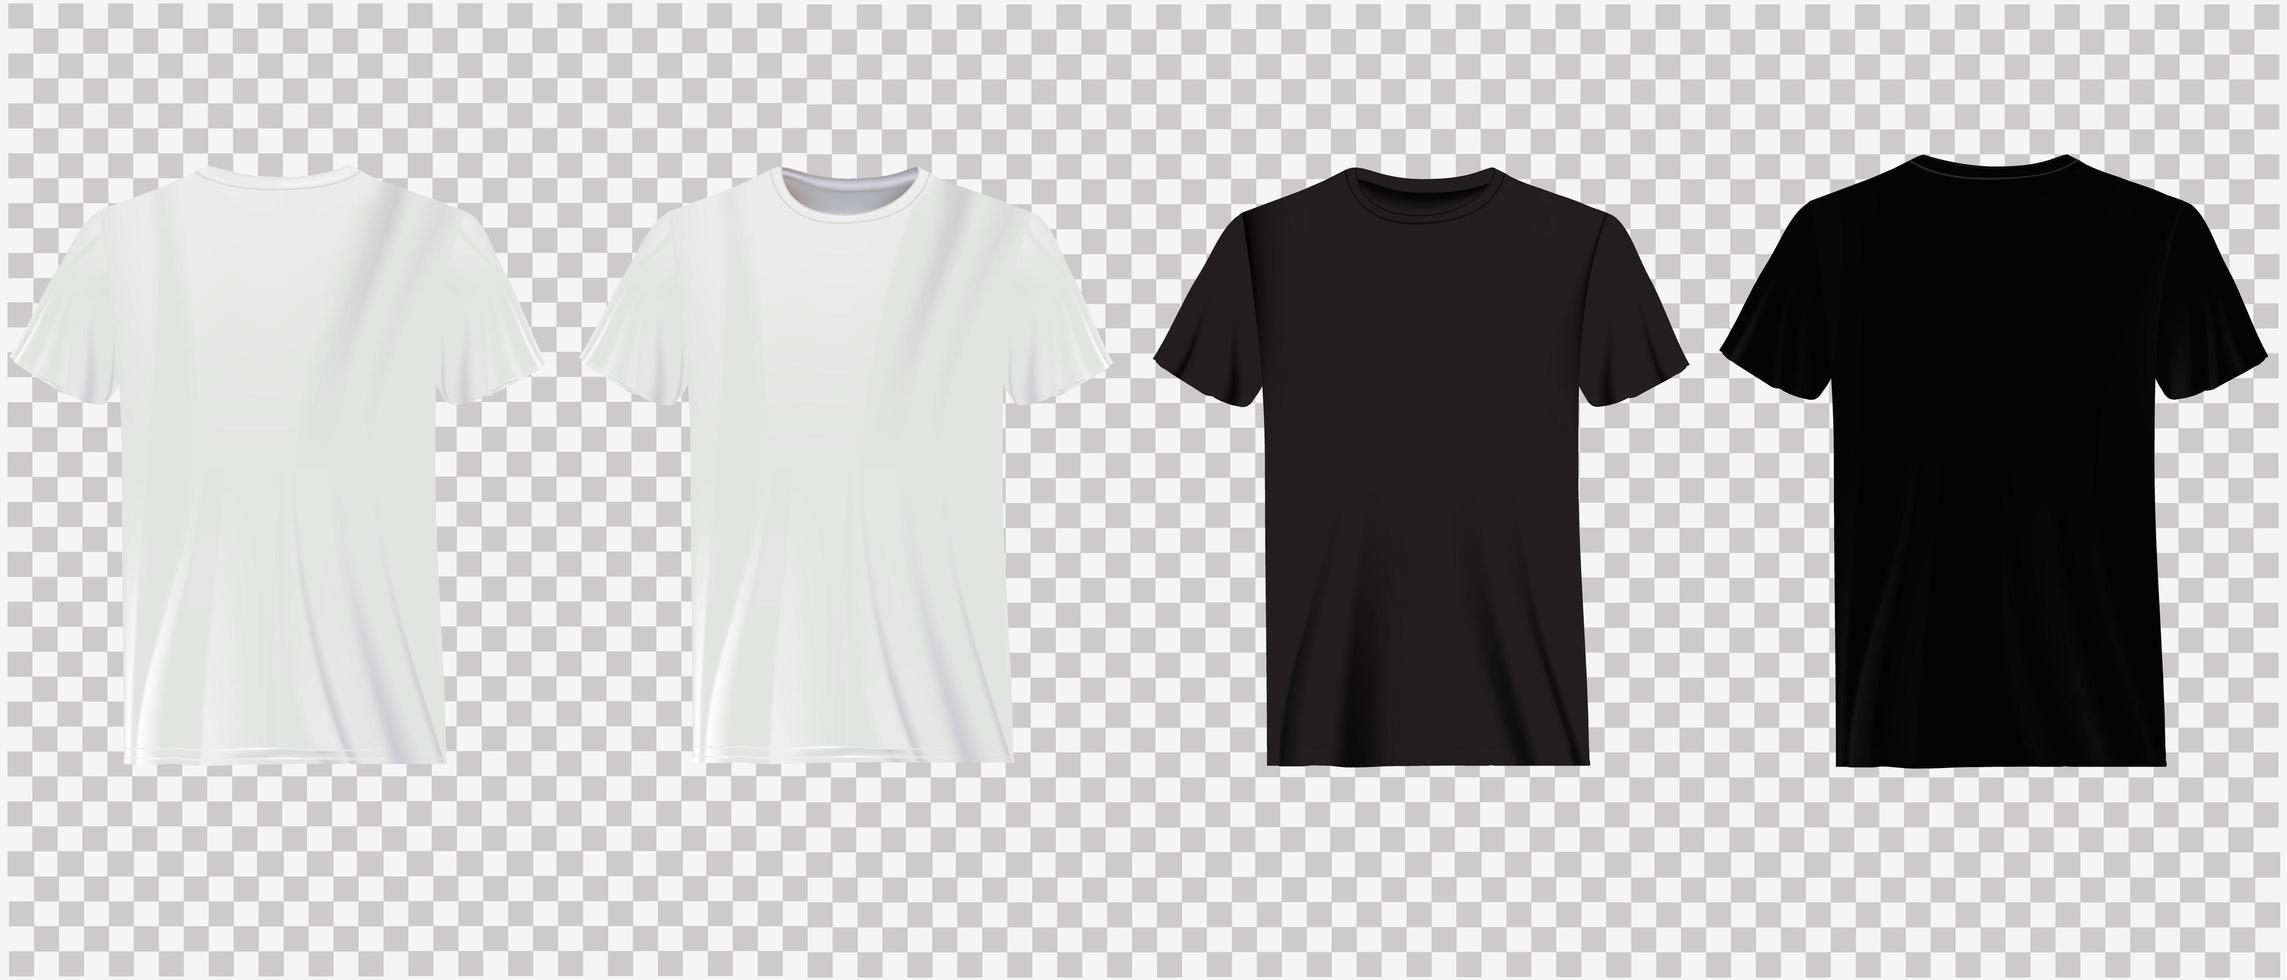 vita och svarta t-shirts på transparens vektor